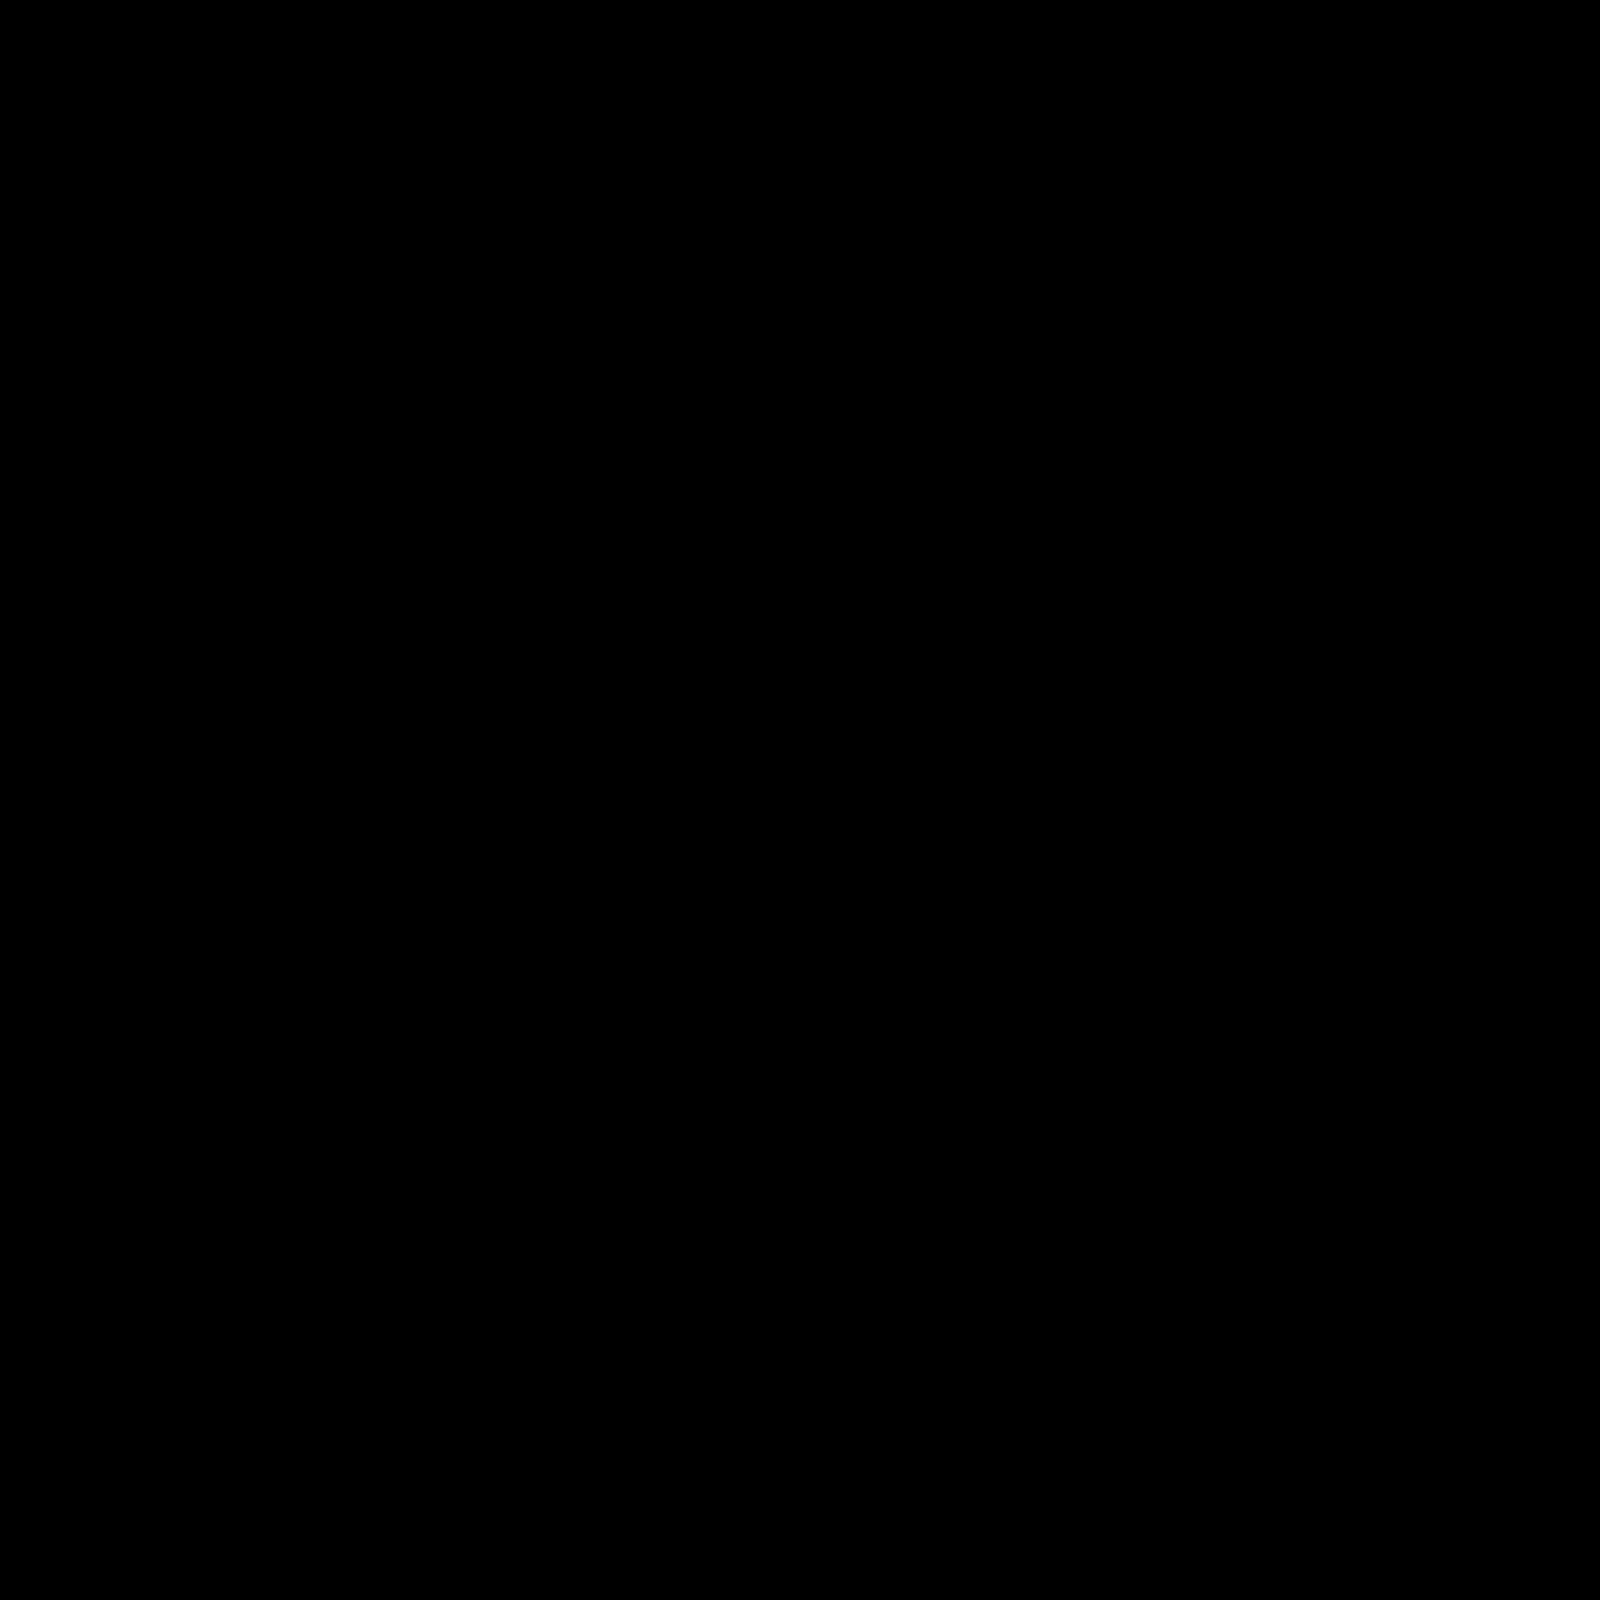 Schraubenschlüssel icon